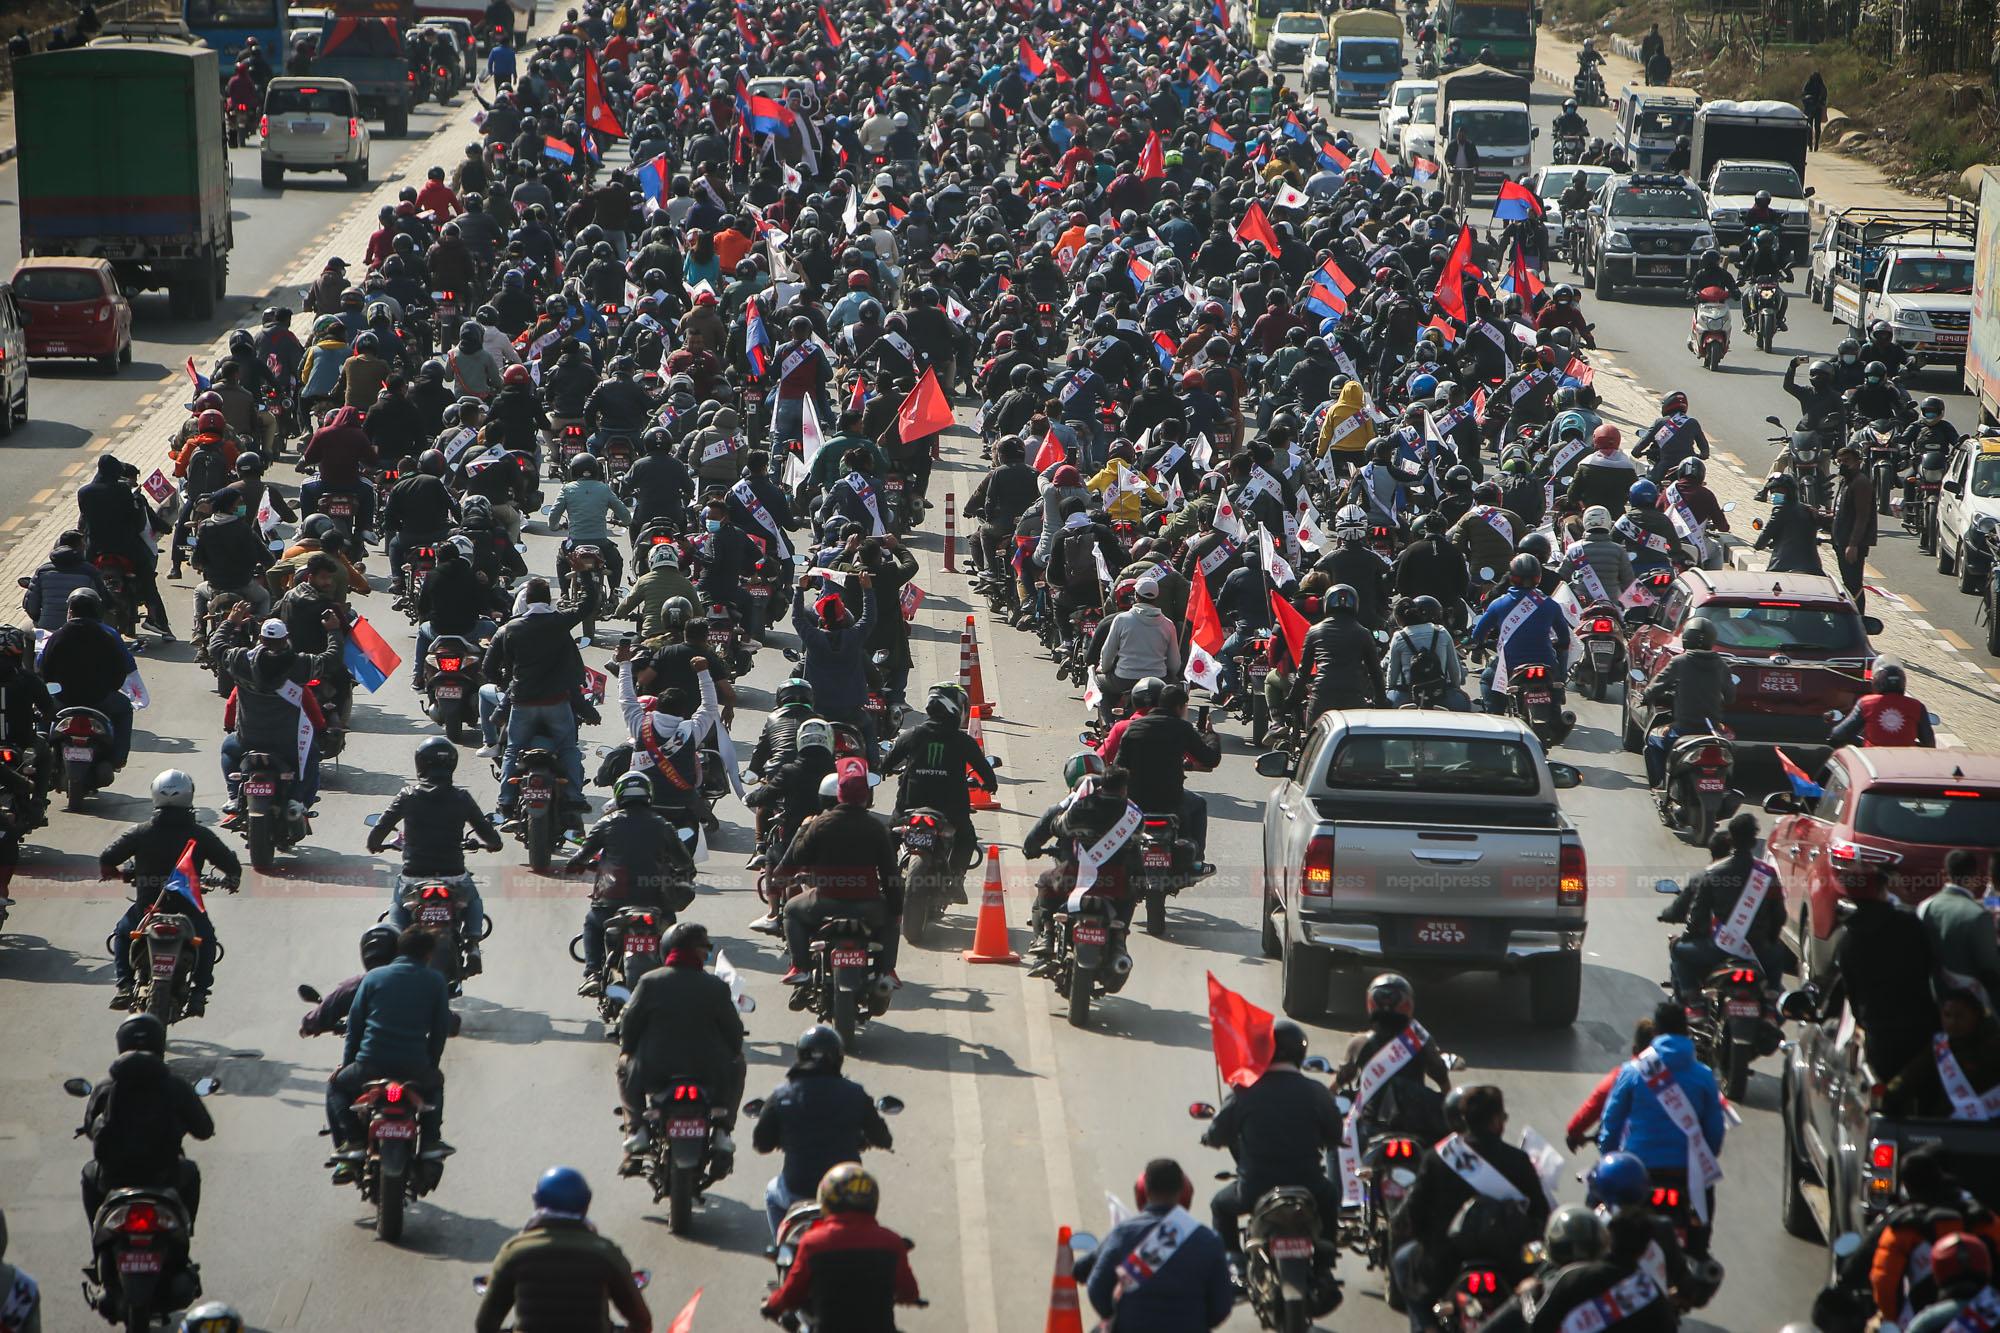 ओली पक्षीय नेकपाका युवा विद्यार्थीले आज काठमाडौंमा मार्चपास गर्ने